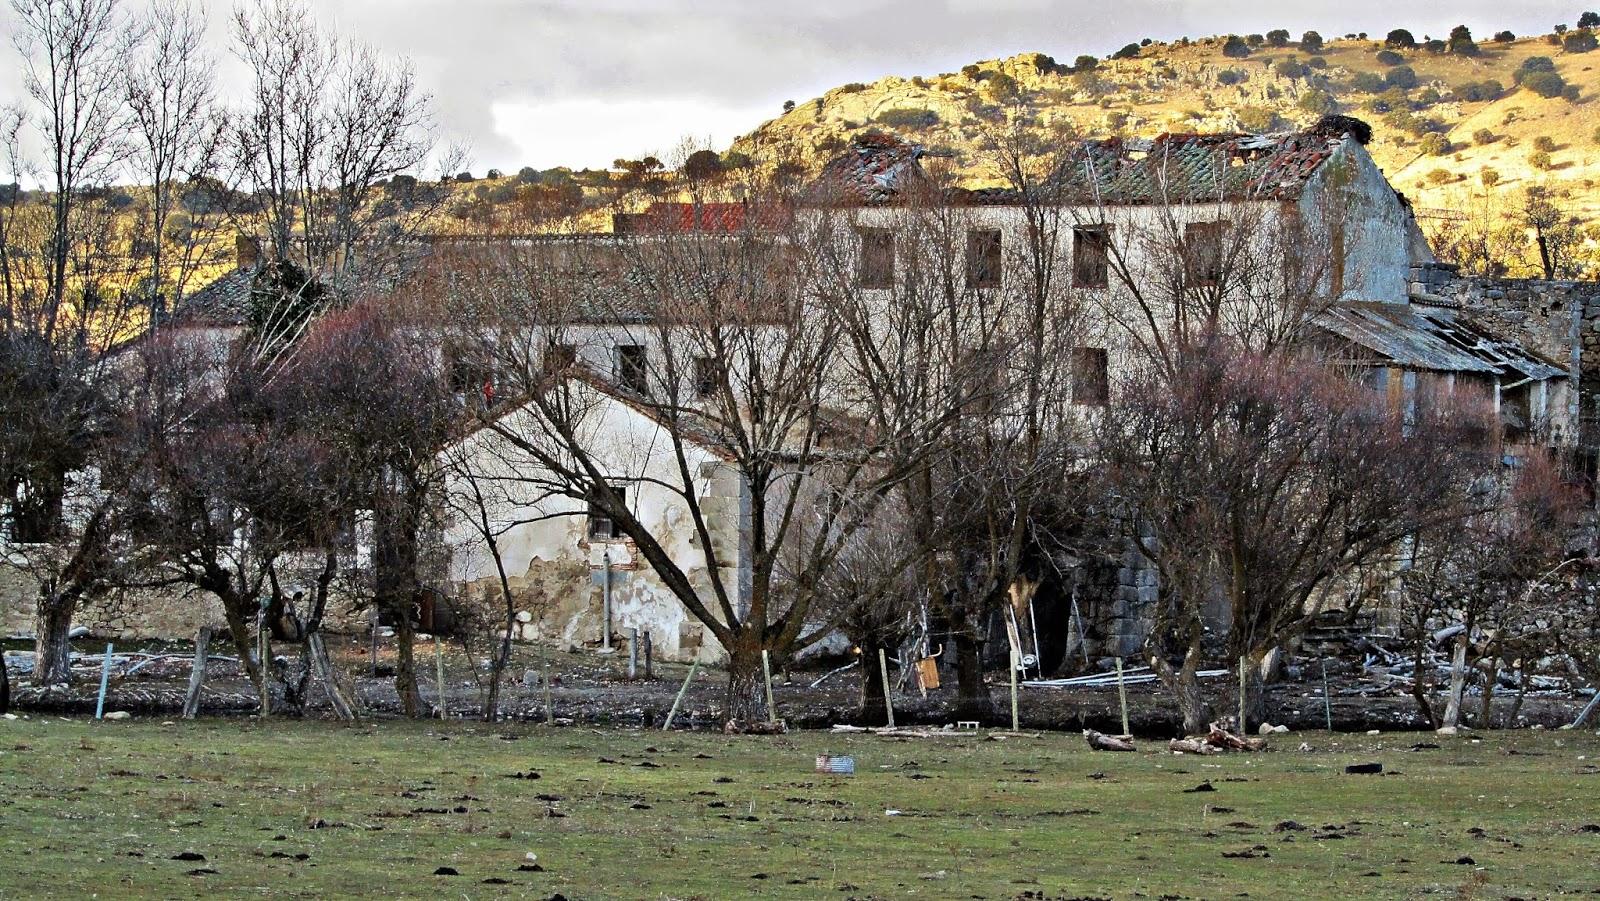 Molino de la Villa - El Espinar - AlfonsoyAmigos